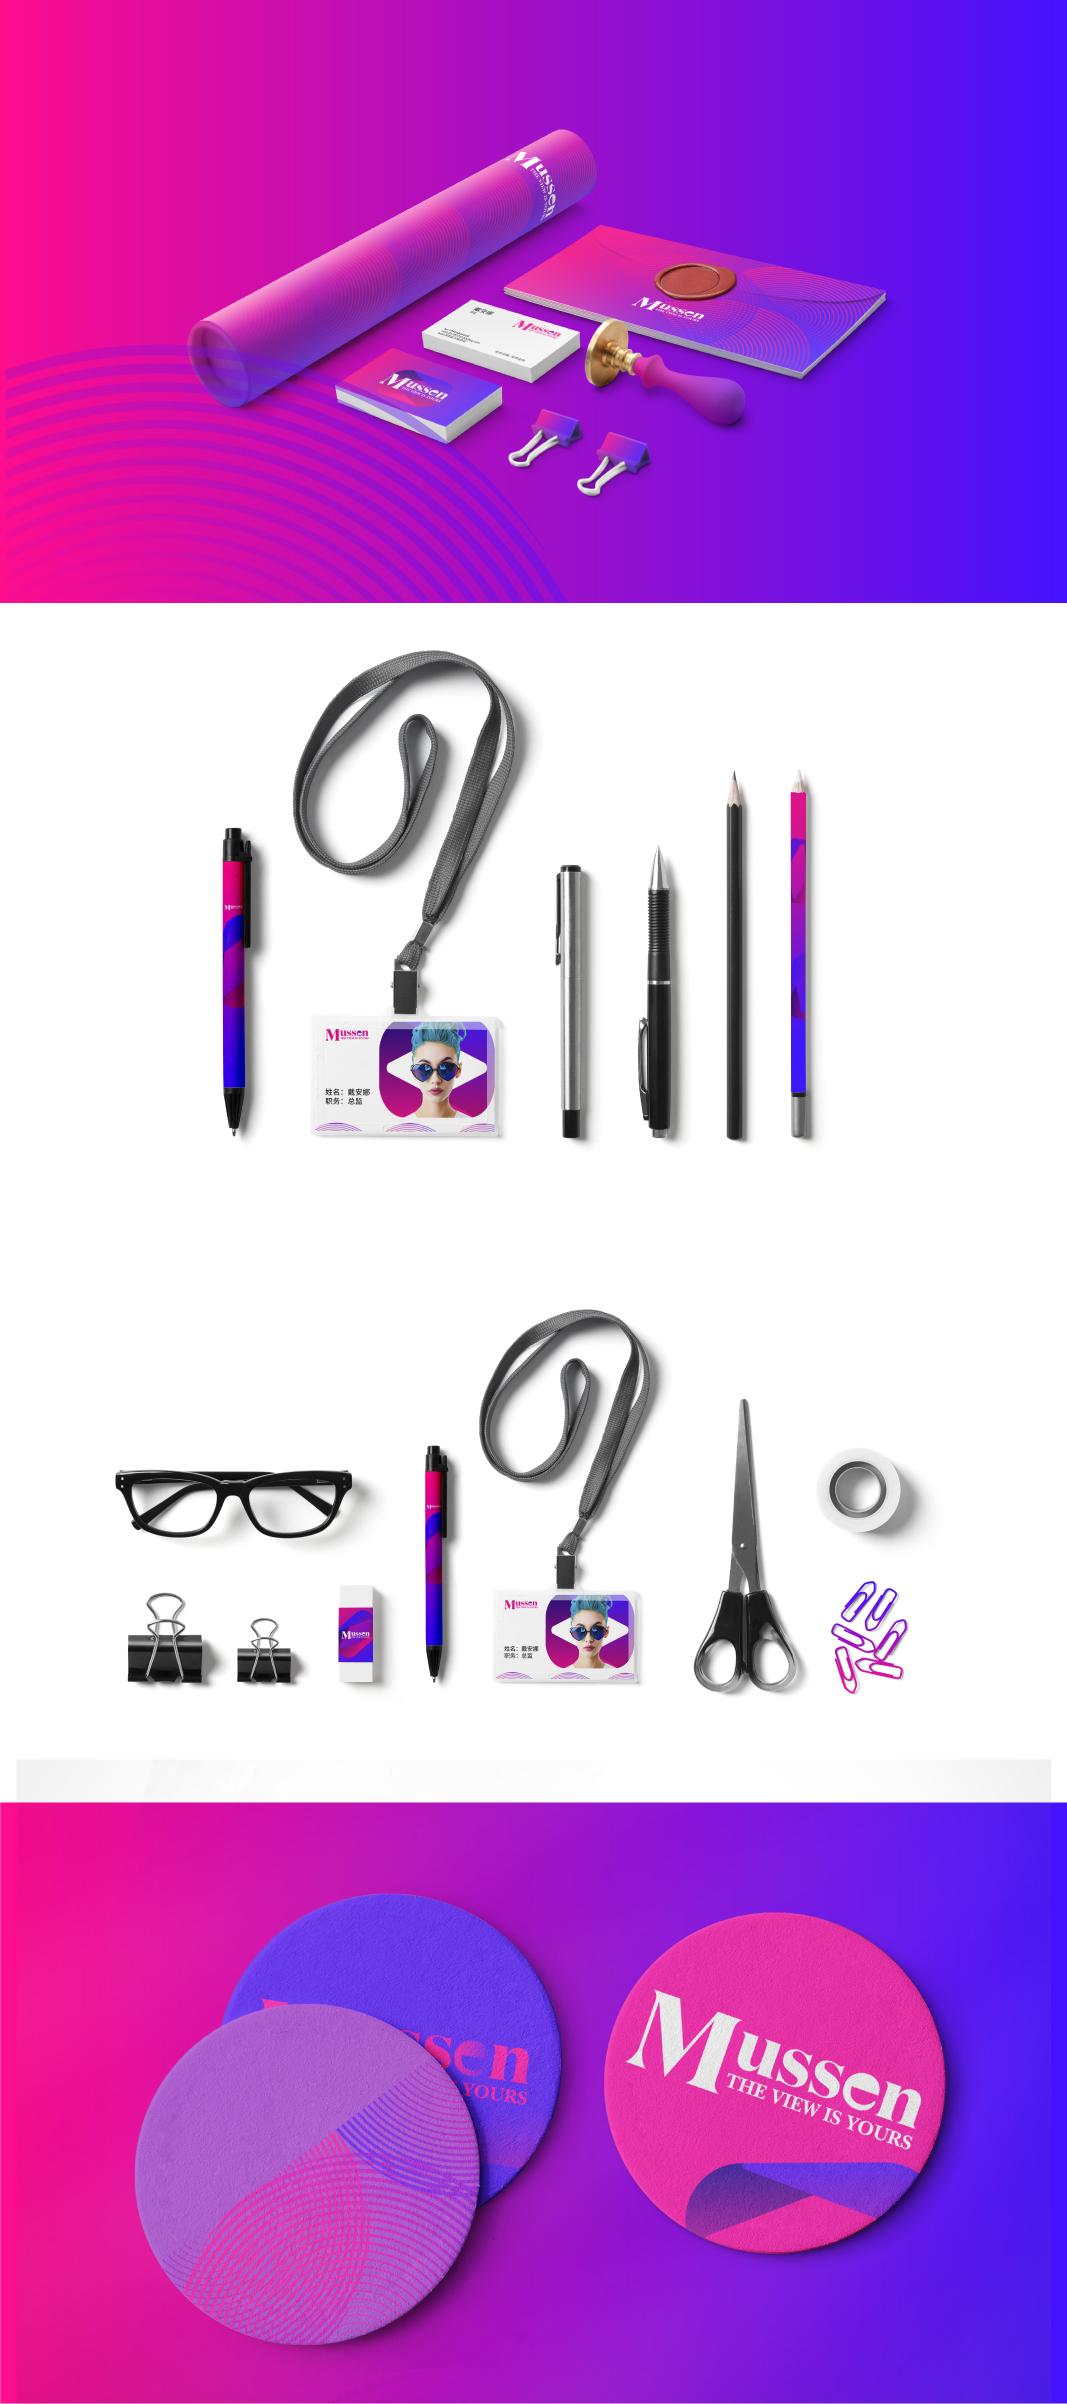 木森眼镜品牌设计